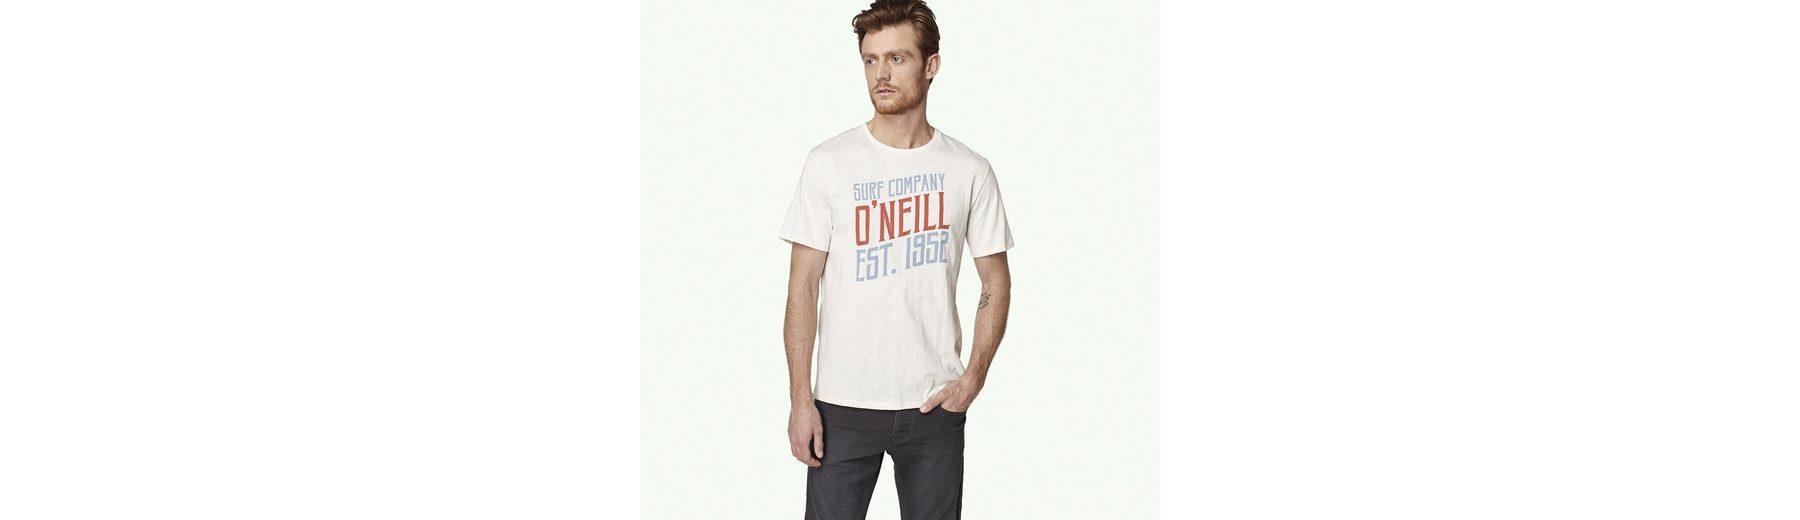 Bester Verkauf Günstiger Preis O'Neill T-Shirts kurzärmlig Signage t-shirt Online Blättern Freies Verschiffen Manchester 2N9wEB